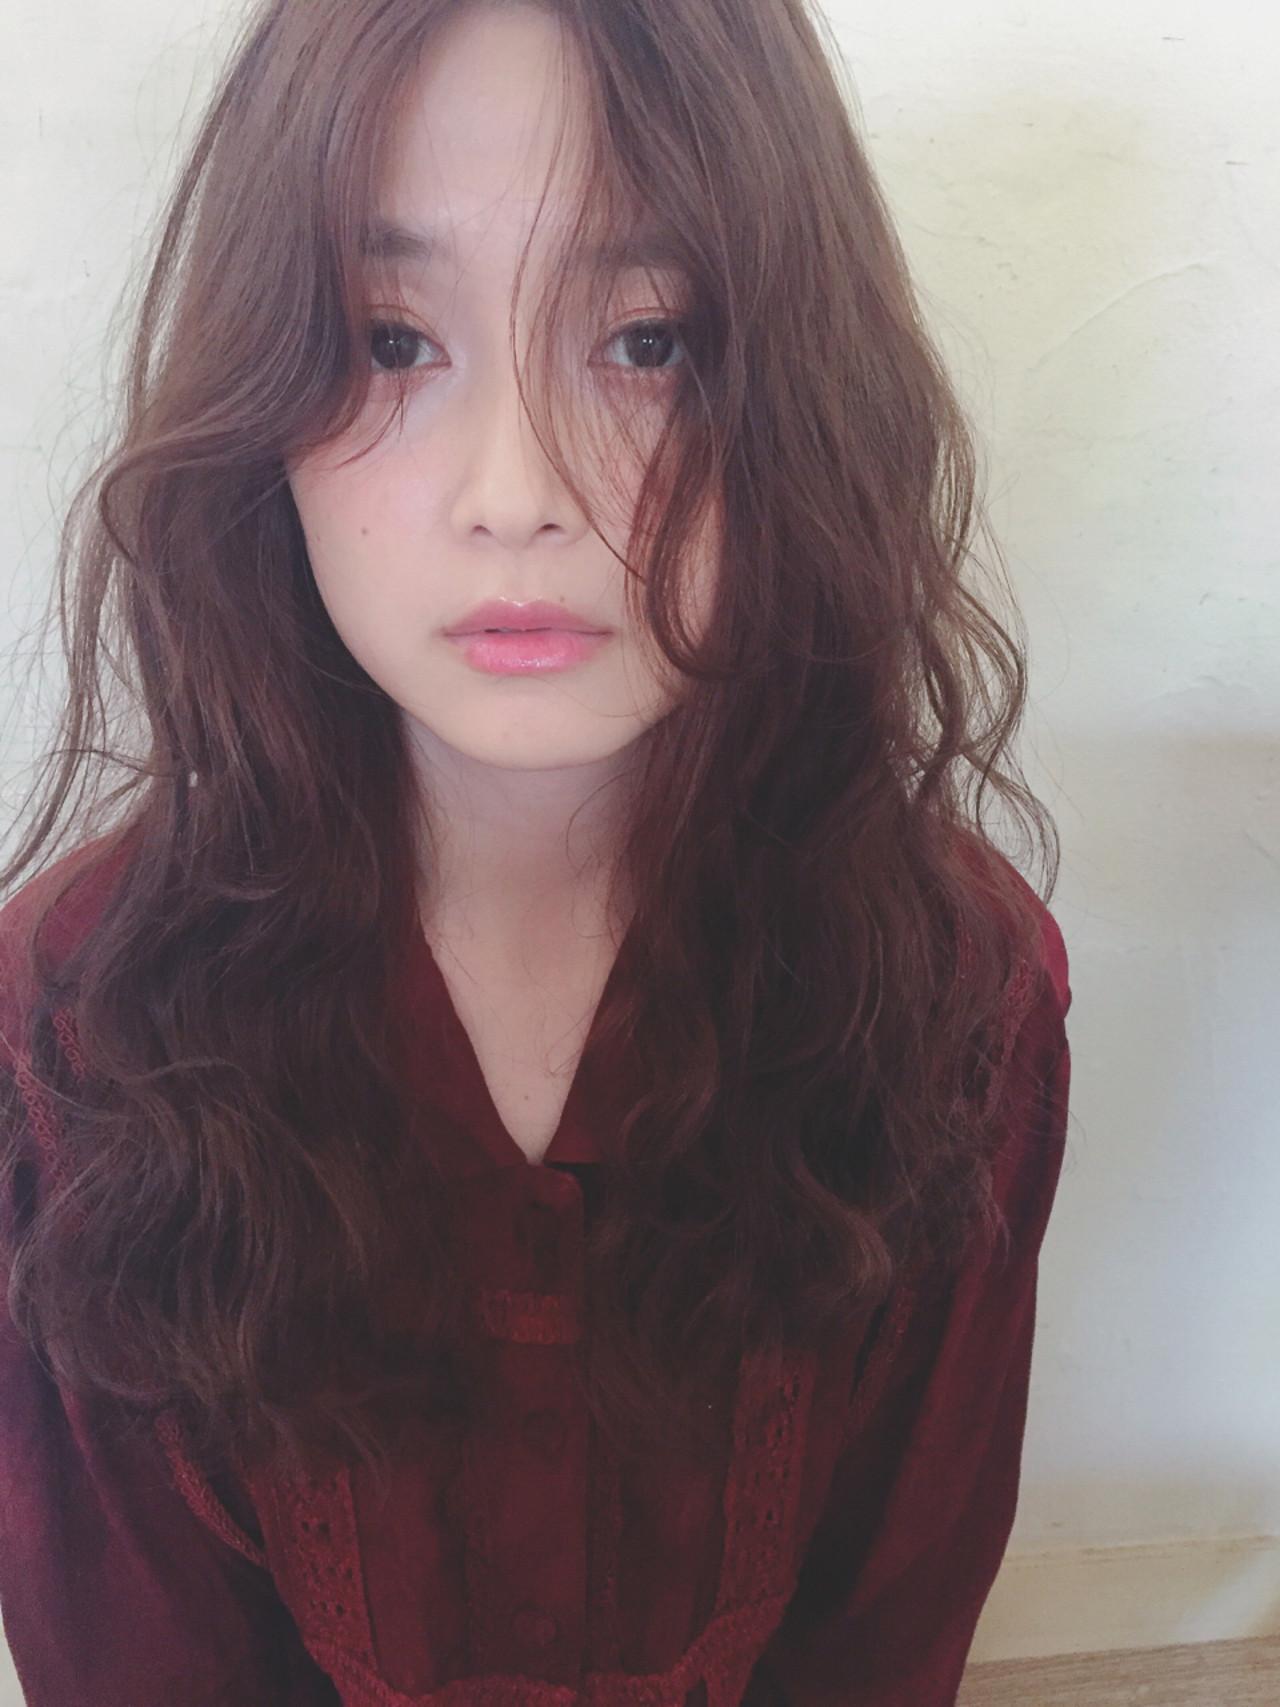 女子会 ロング ウェーブ アンニュイ ヘアスタイルや髪型の写真・画像 | Mirai / enntaku